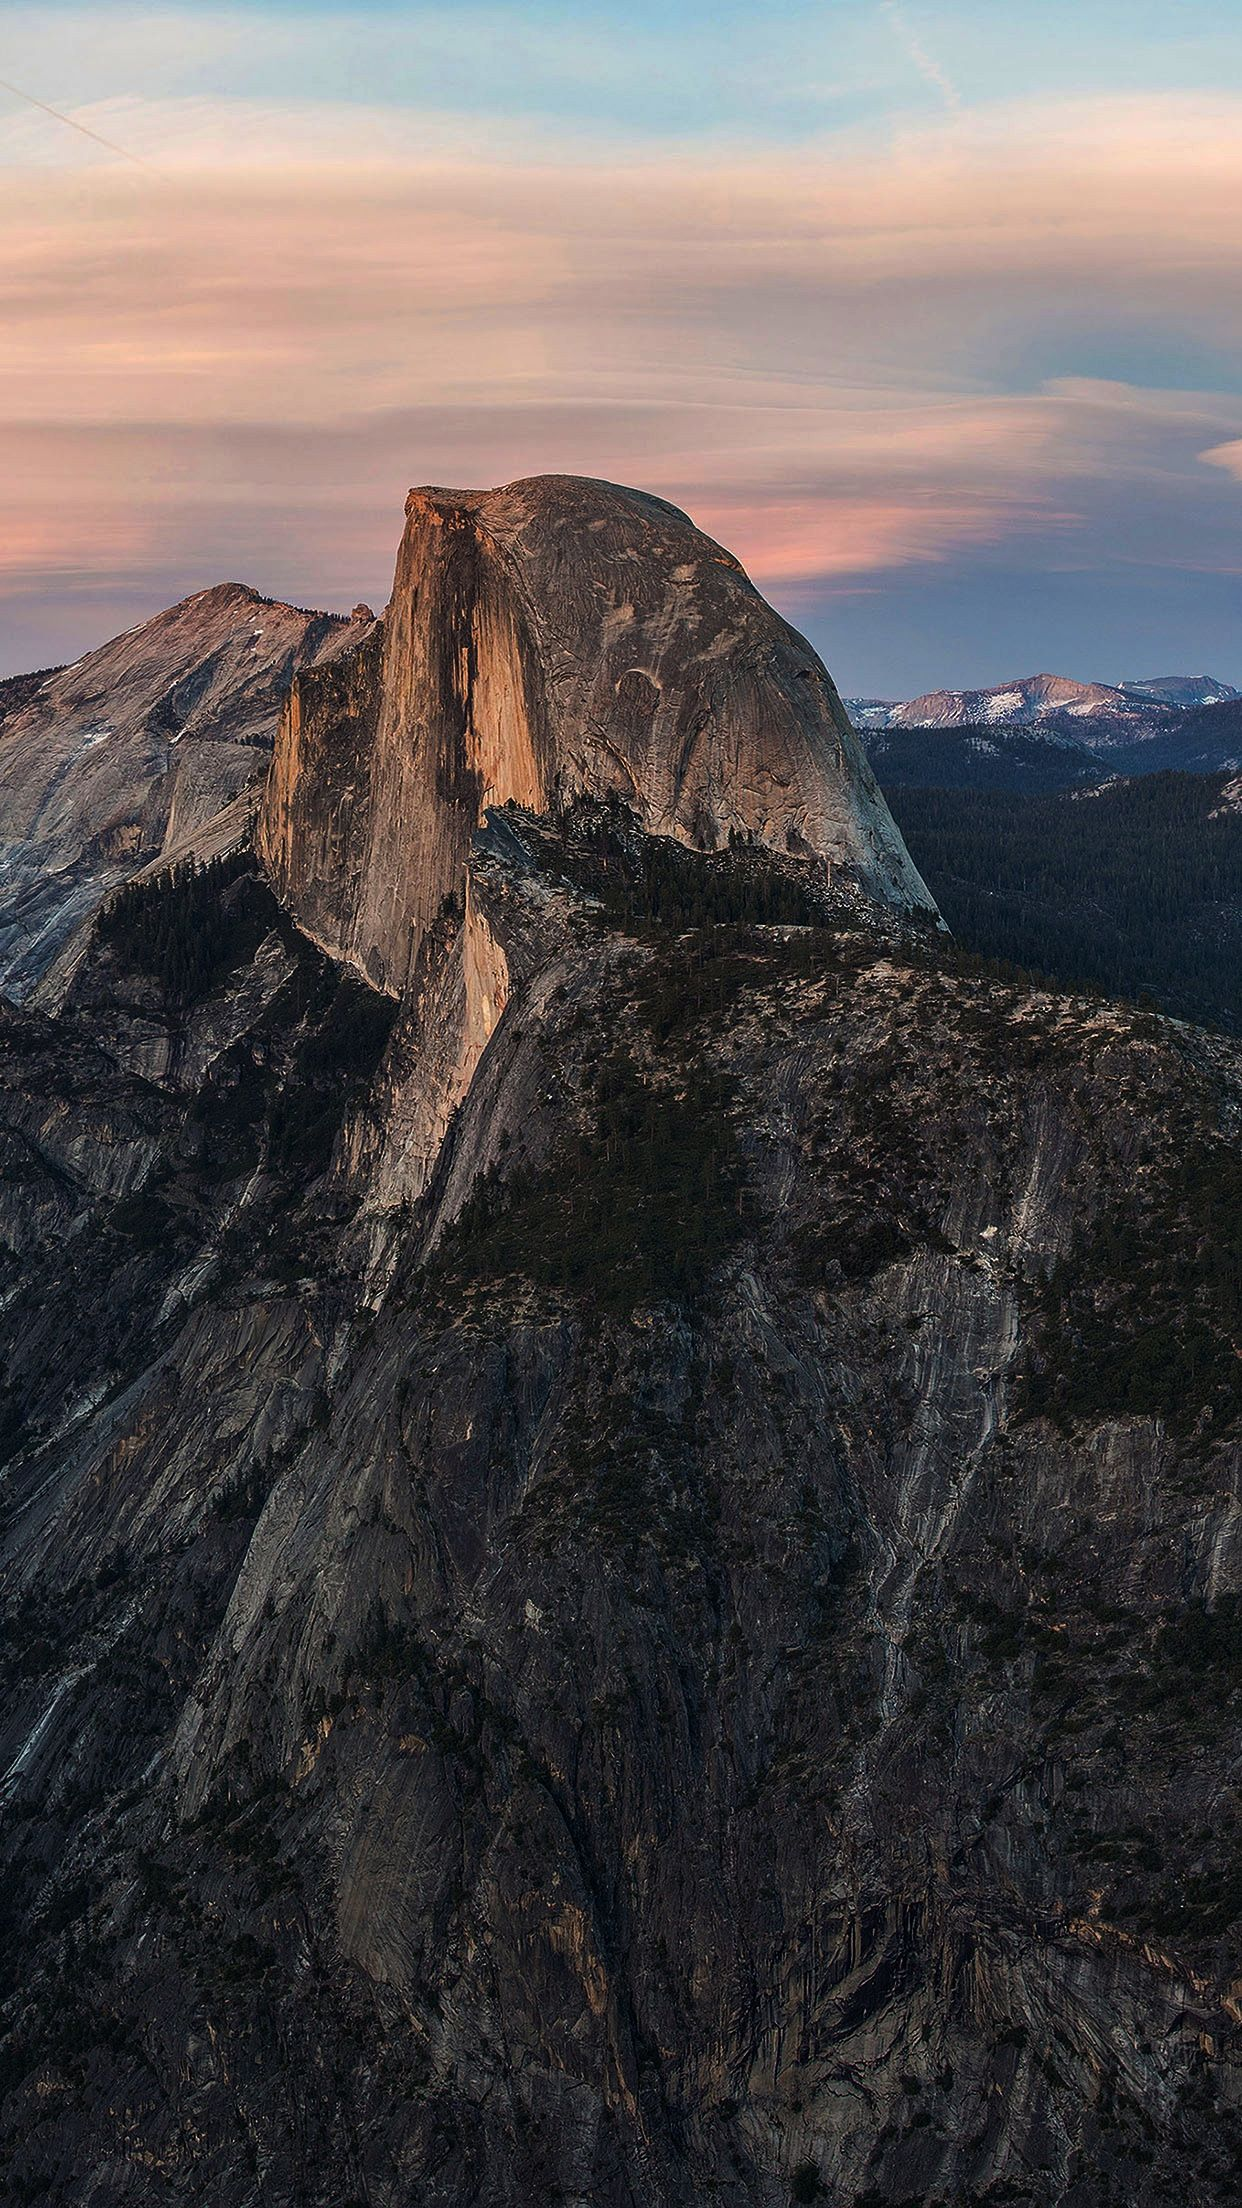 Musa Akkaya, Dağ Manzaraları (With images) Yosemite